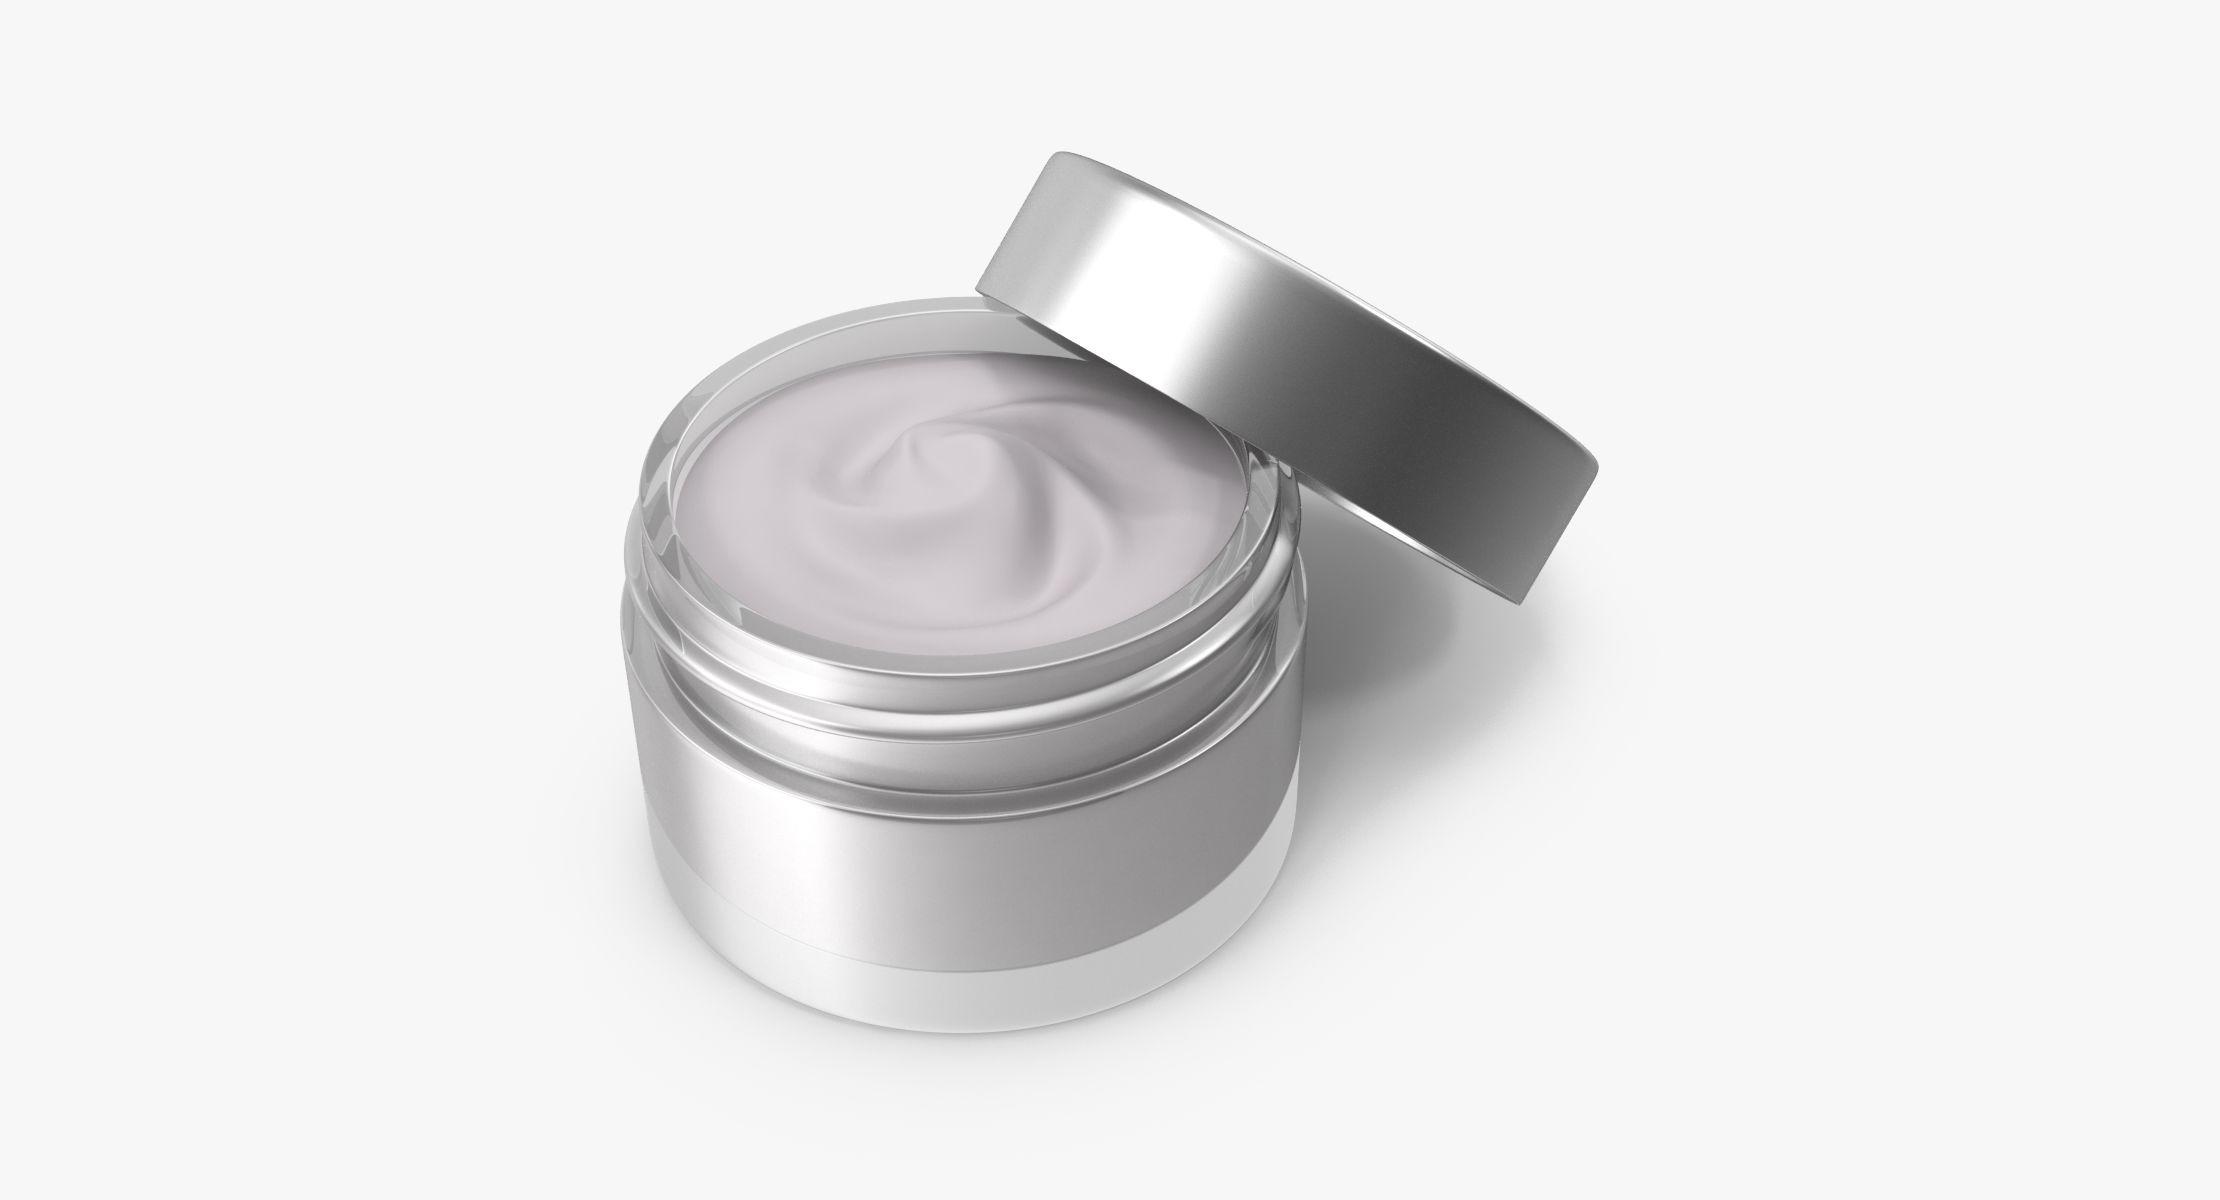 Creamer Jar Full Open - reel 1